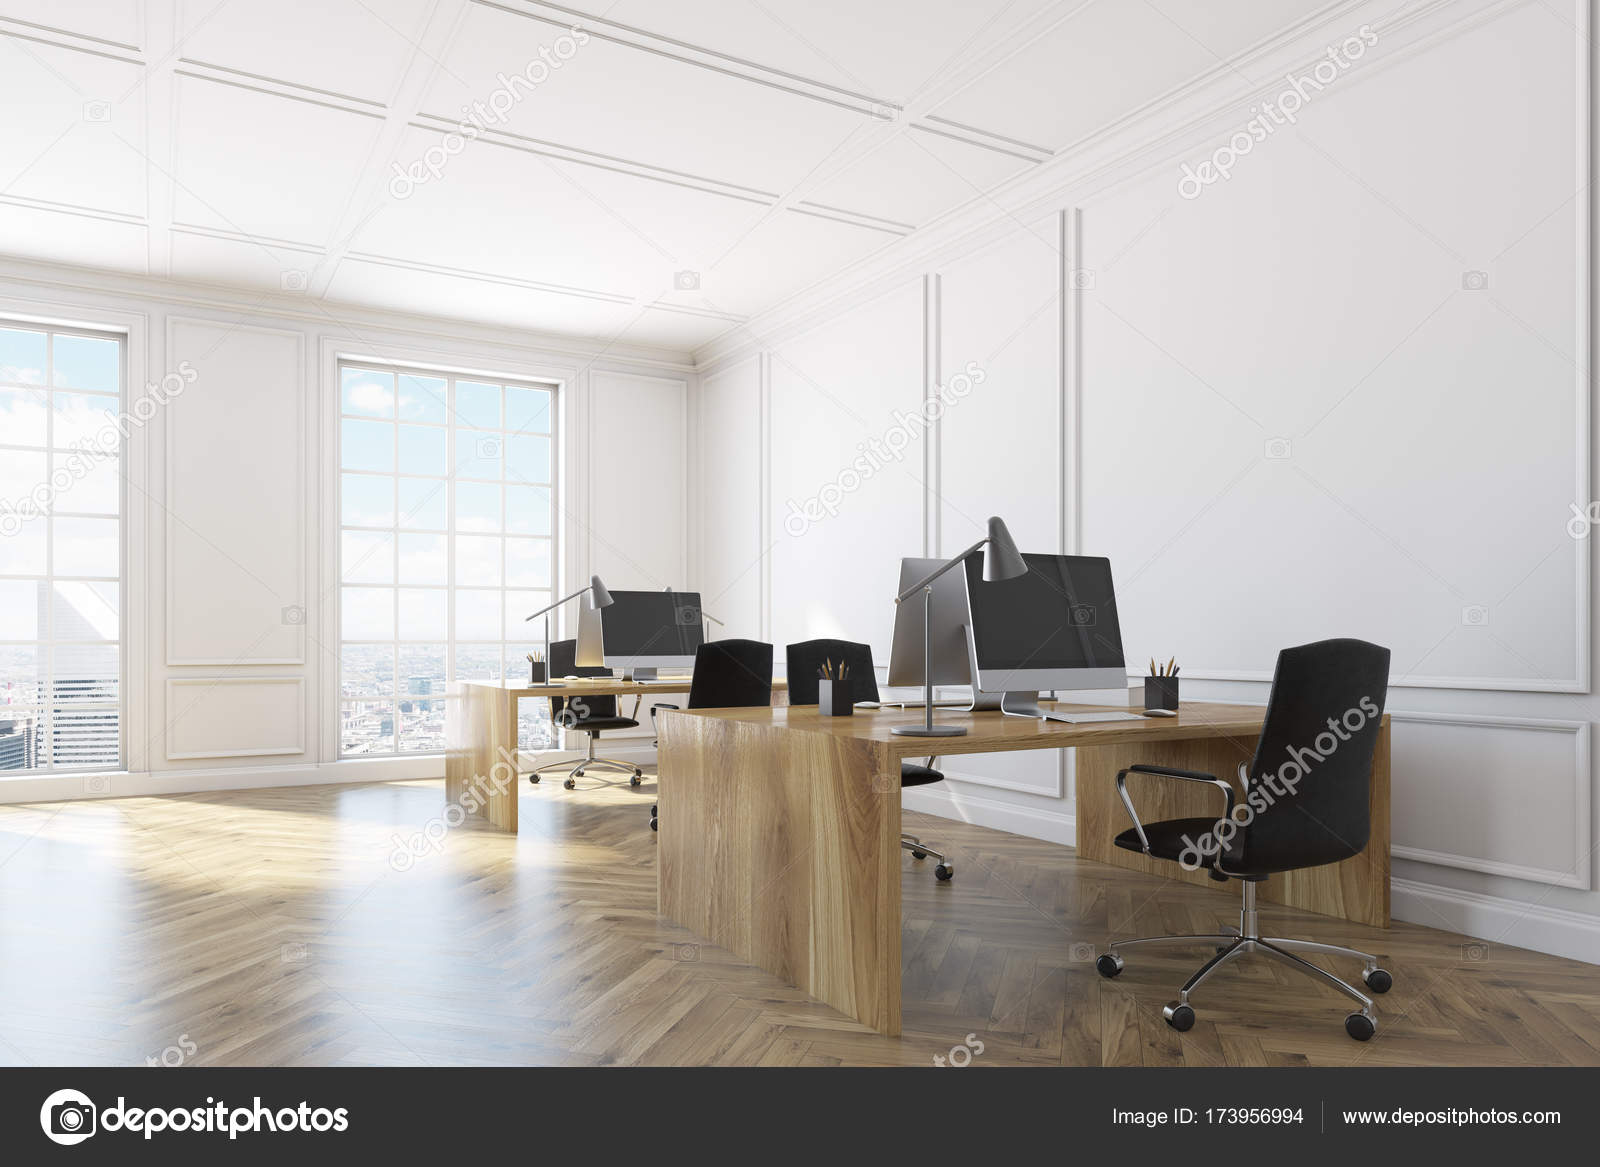 Blanc le coin intérieur de bureau open space u2014 photographie